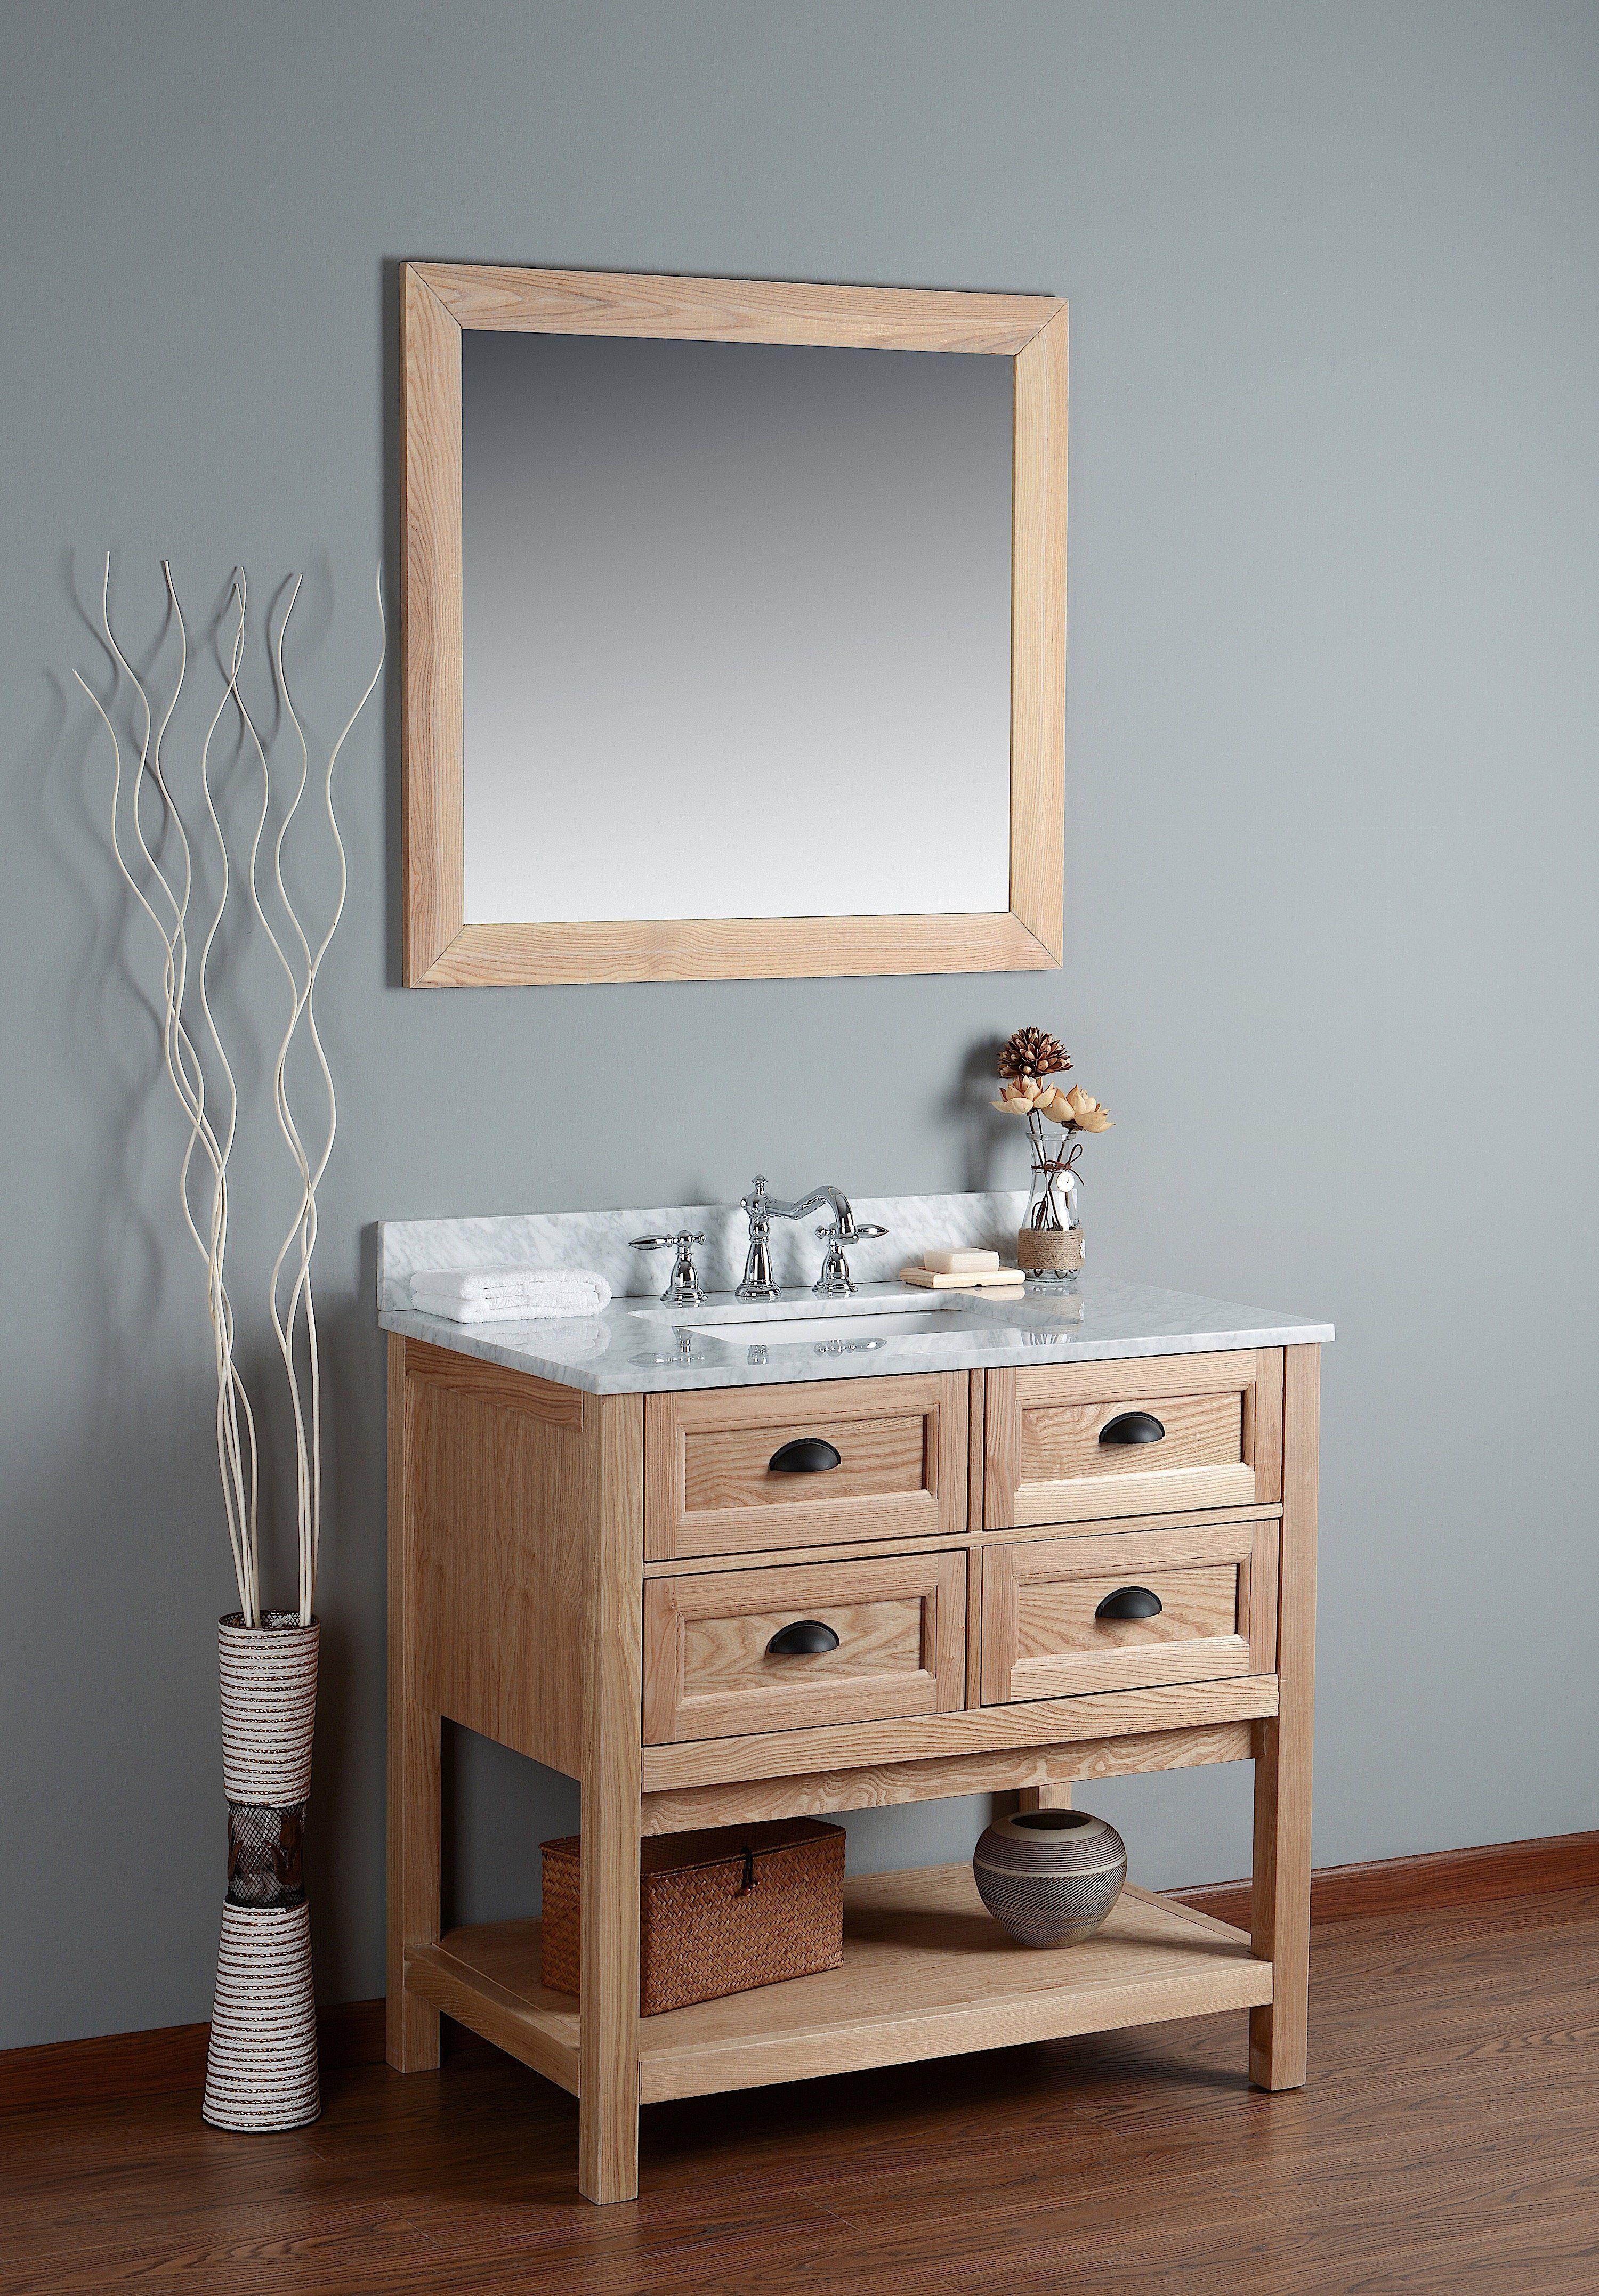 bathroom vanity combo set. 36. Rubeza 36\ Bathroom Vanity Combo Set G